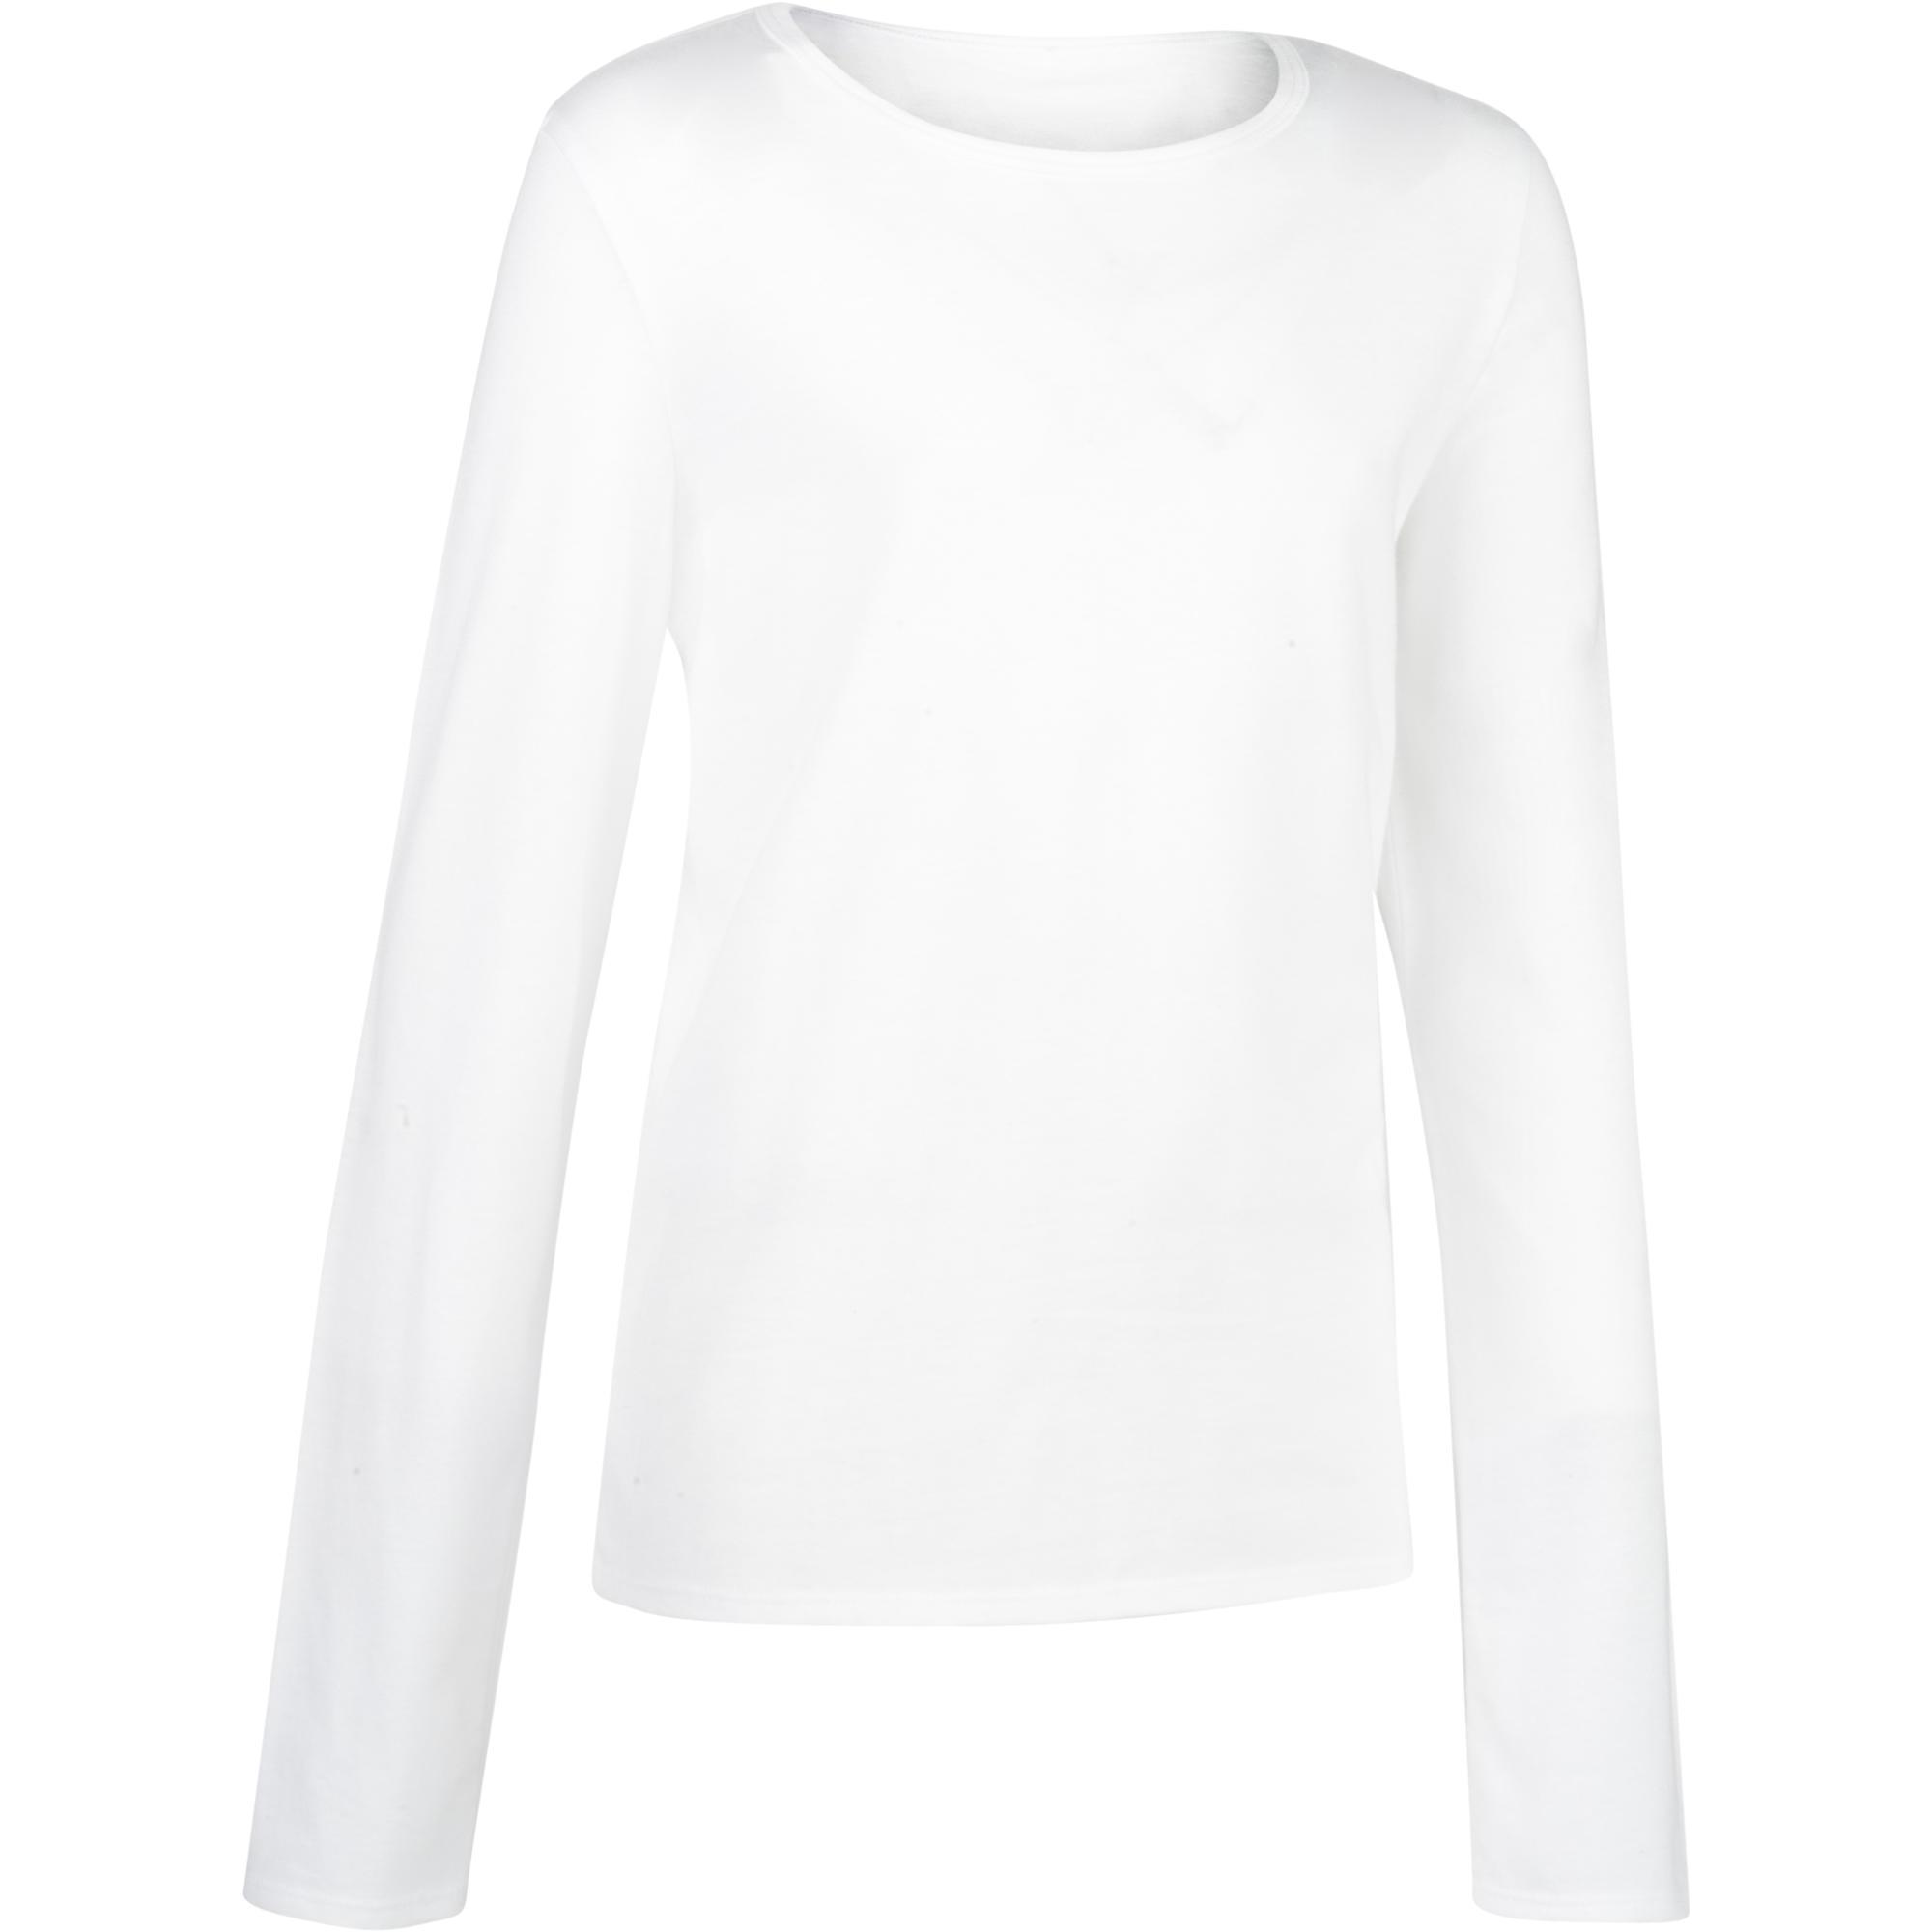 garantía de alta calidad varios estilos gama completa de artículos Ropa infantil - Camiseta de manga larga 100 gimnasia niño blanco